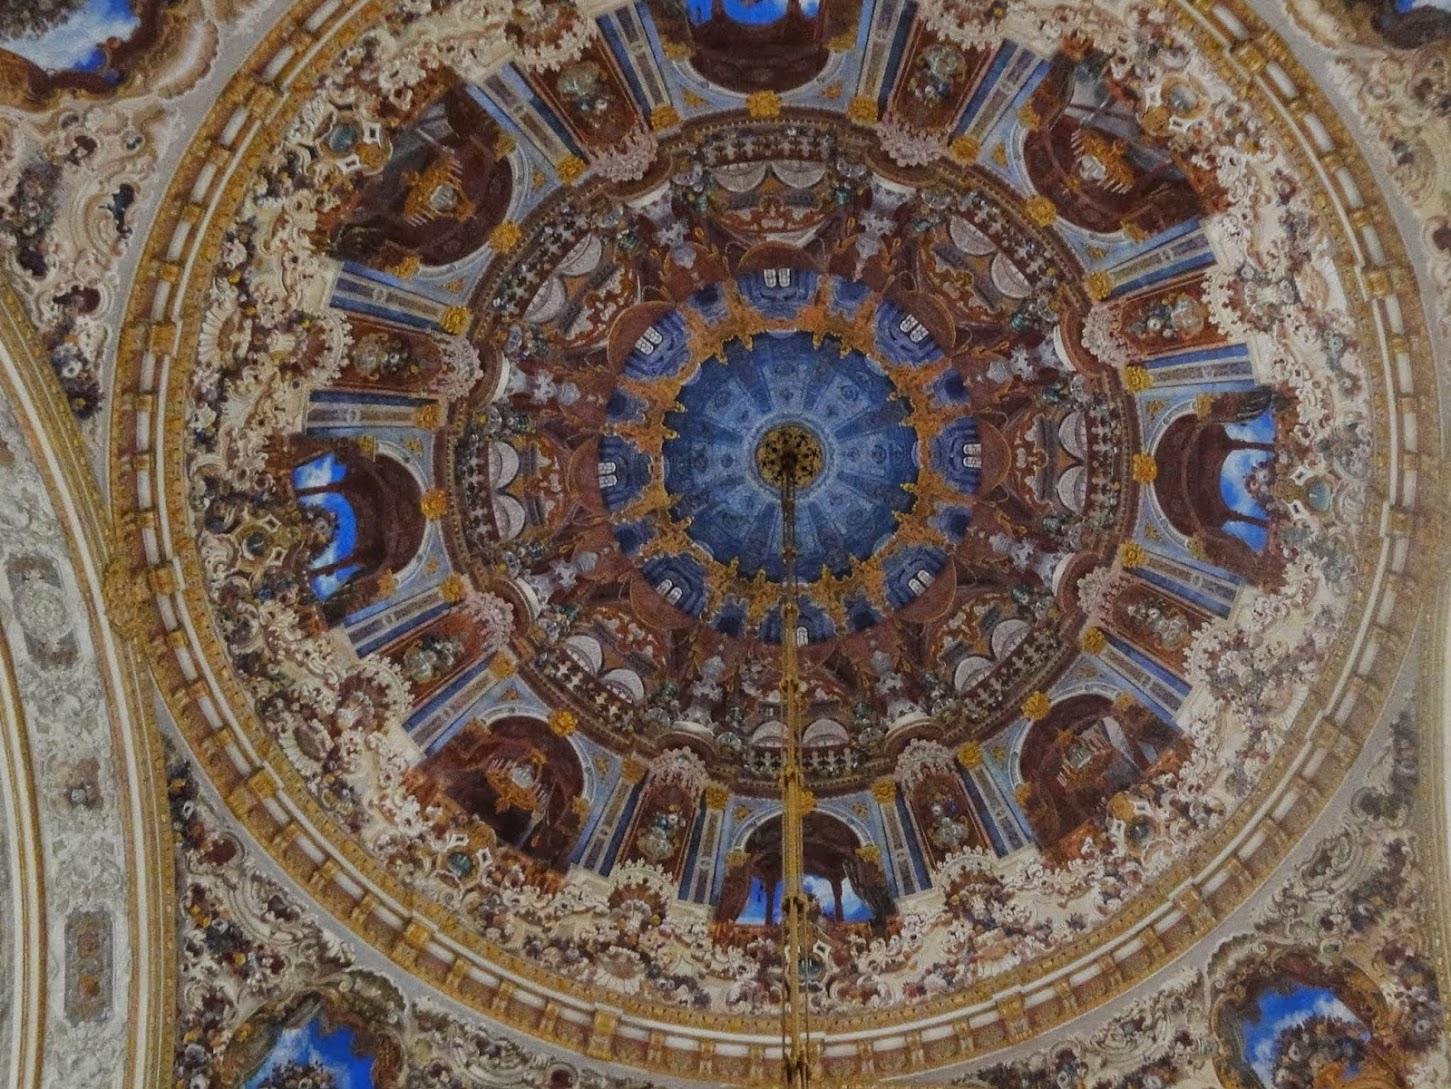 Plafond au Palais de Dolmabahçe